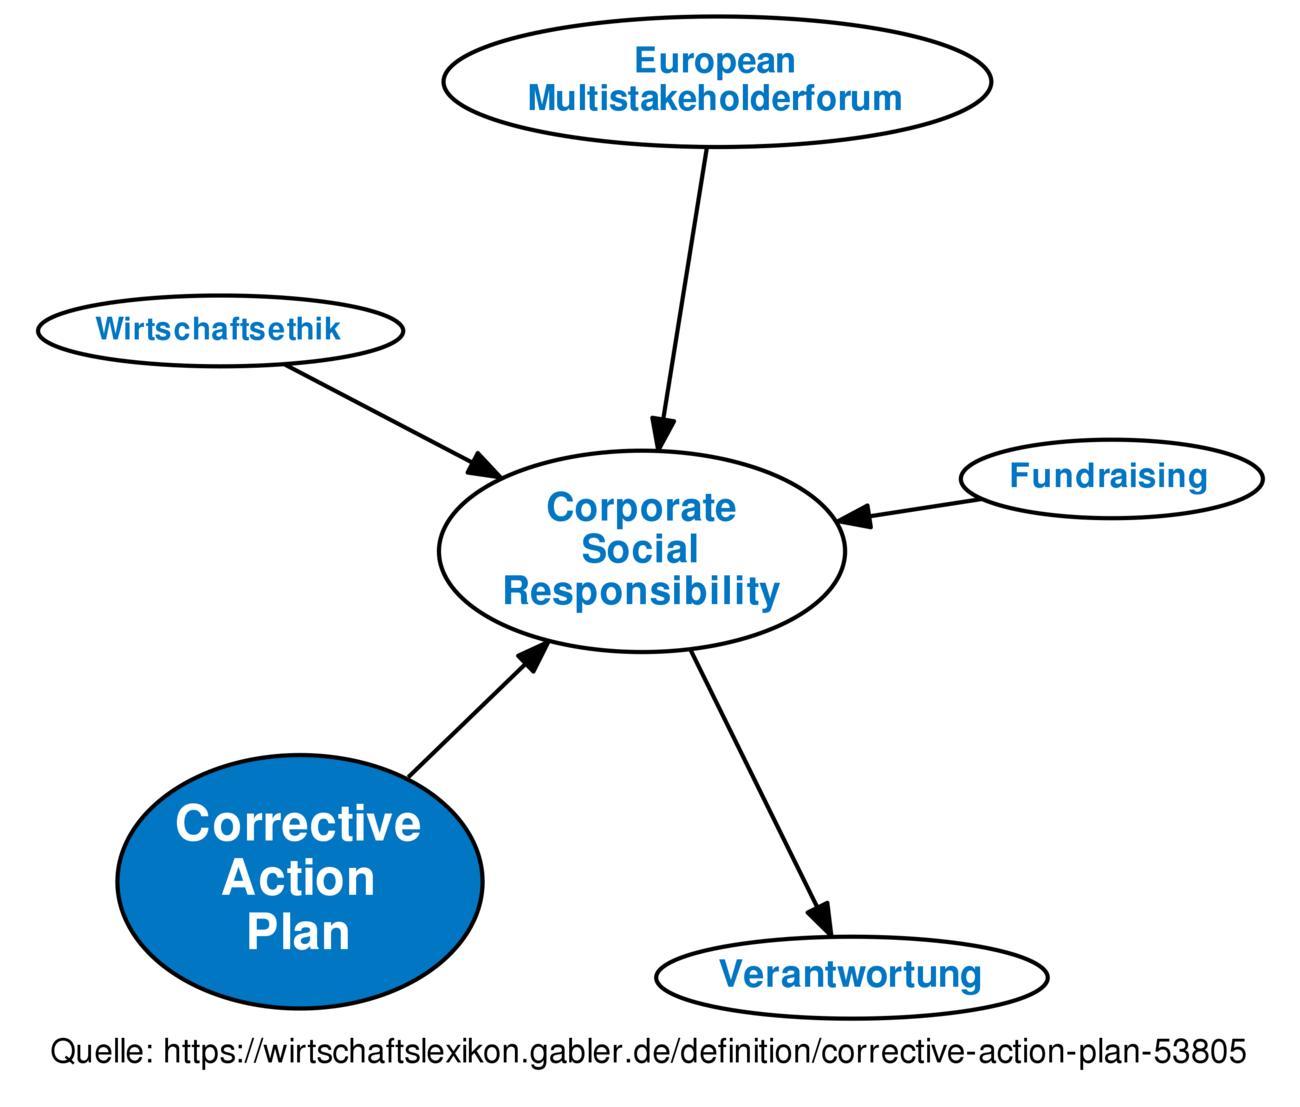 Corrective Action Plan   Corrective Action Plan Definition Gabler Wirtschaftslexikon